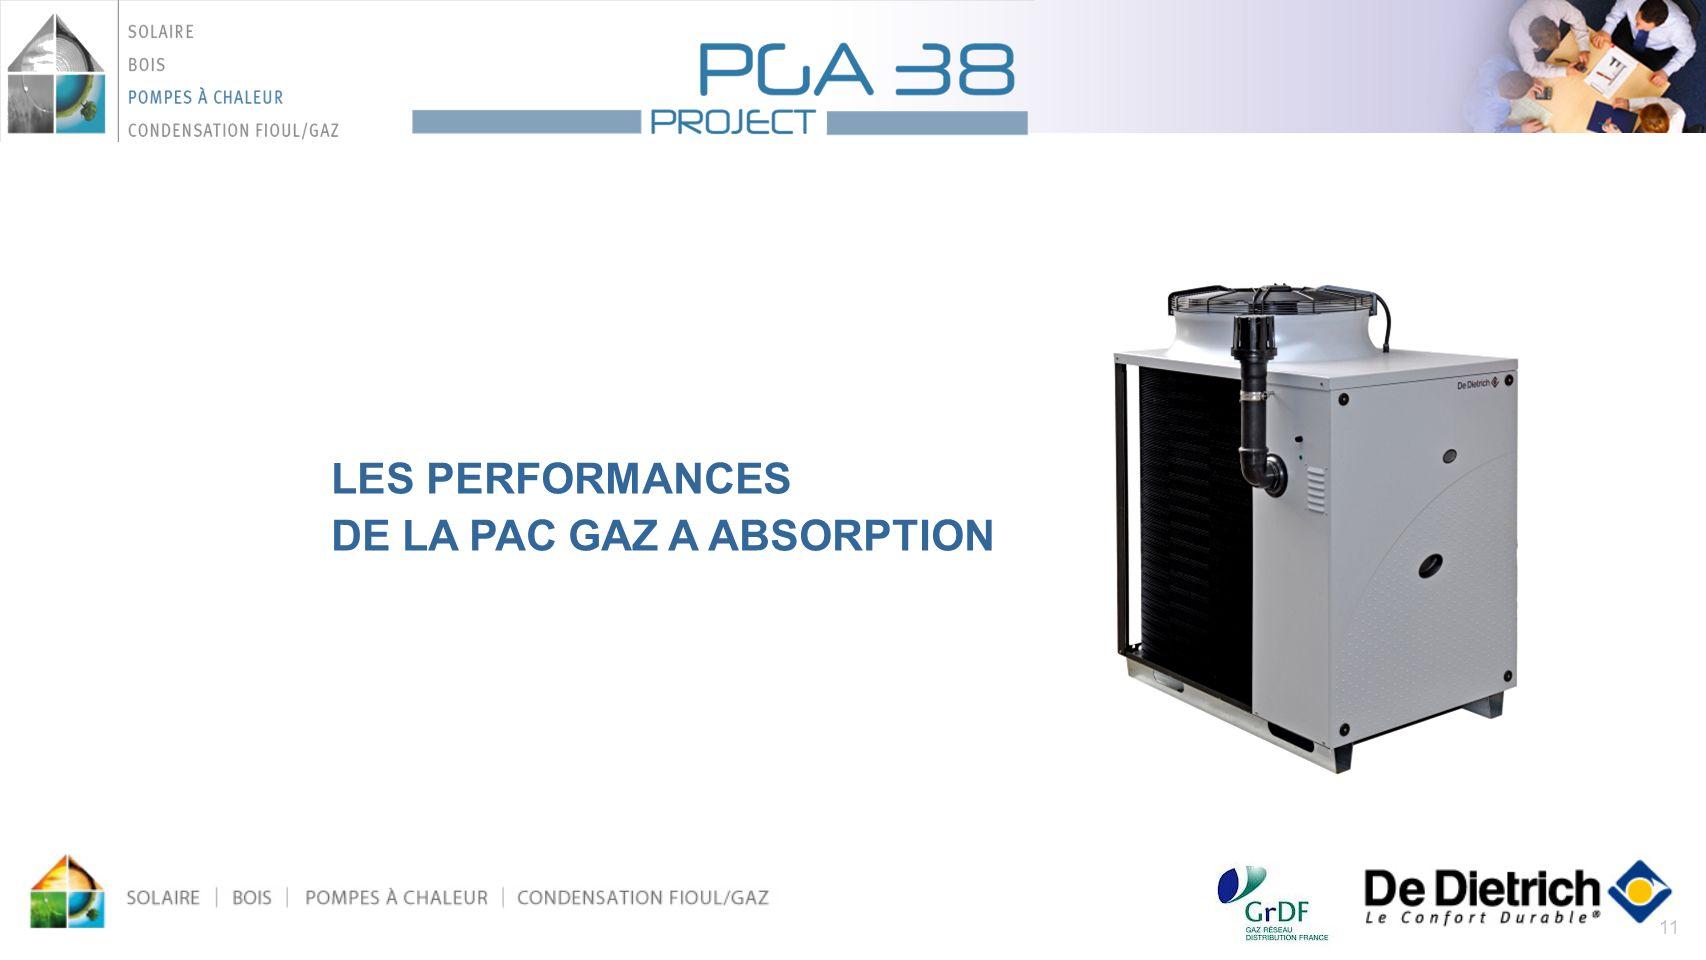 11 LES PERFORMANCES DE LA PAC GAZ A ABSORPTION